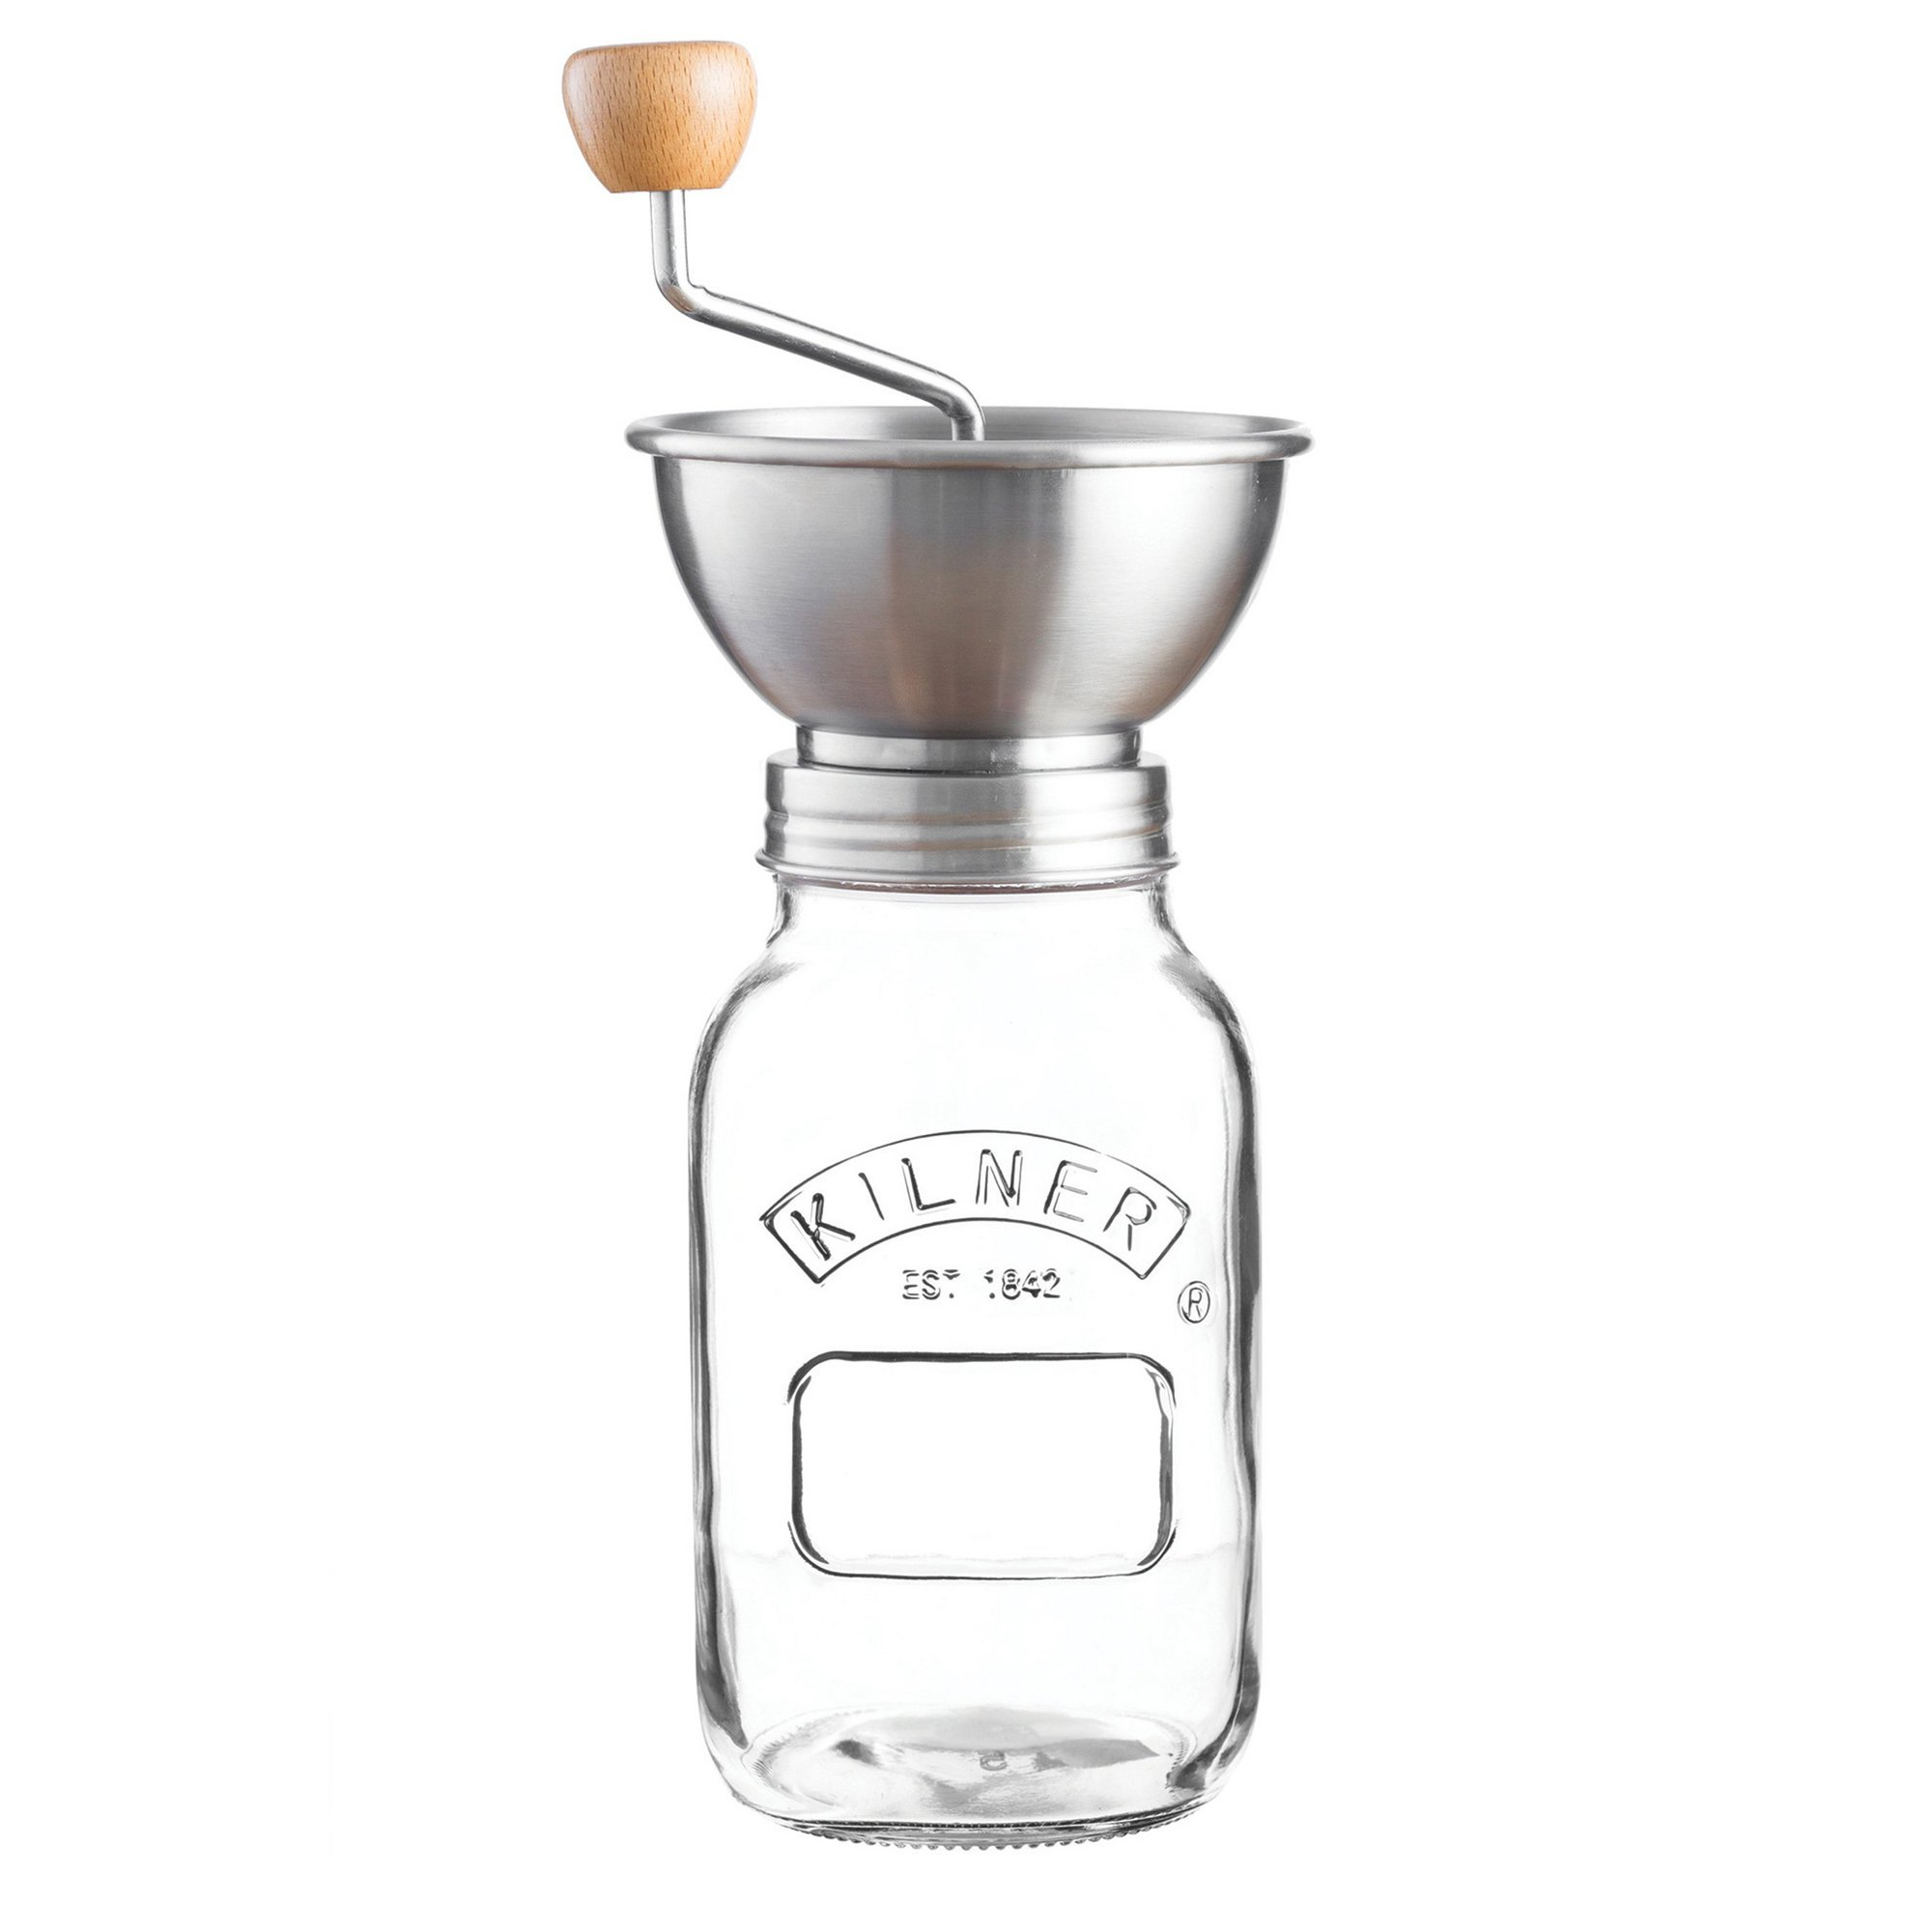 Image of Kilner 1 Litre Sauce Press Jar Set